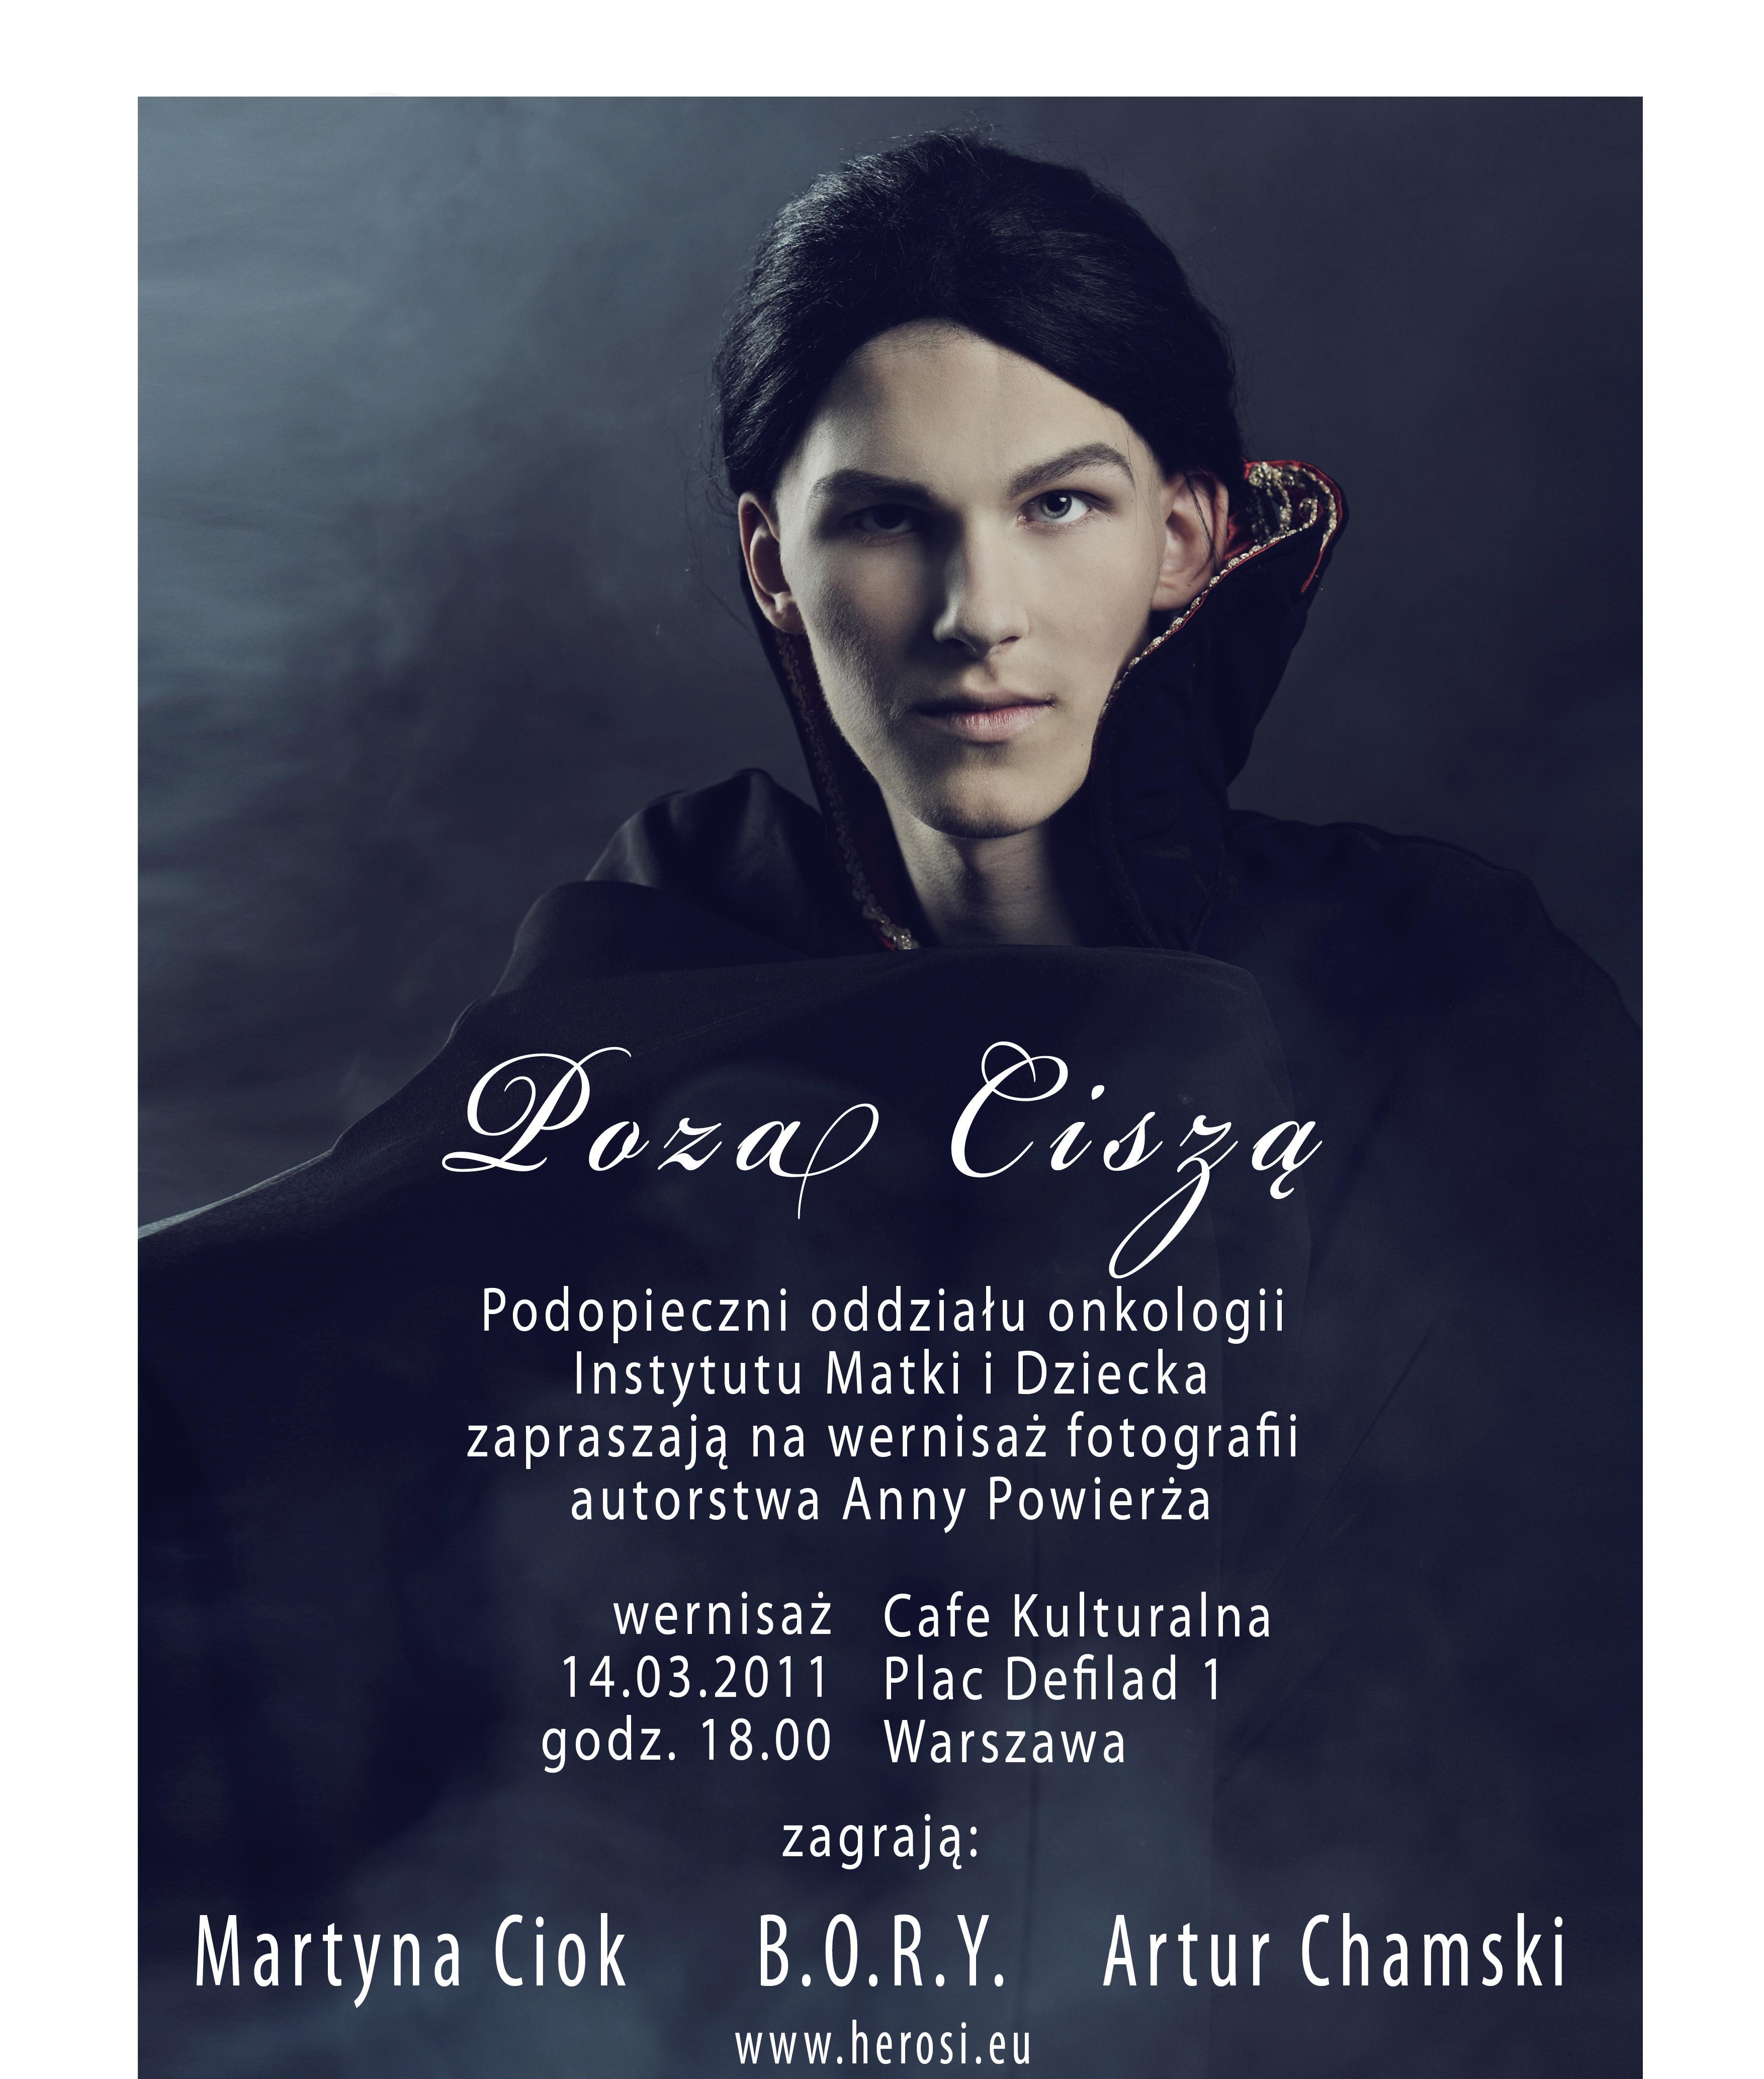 """Wystawa fotografii """"Poza ciszą"""" - plakat"""